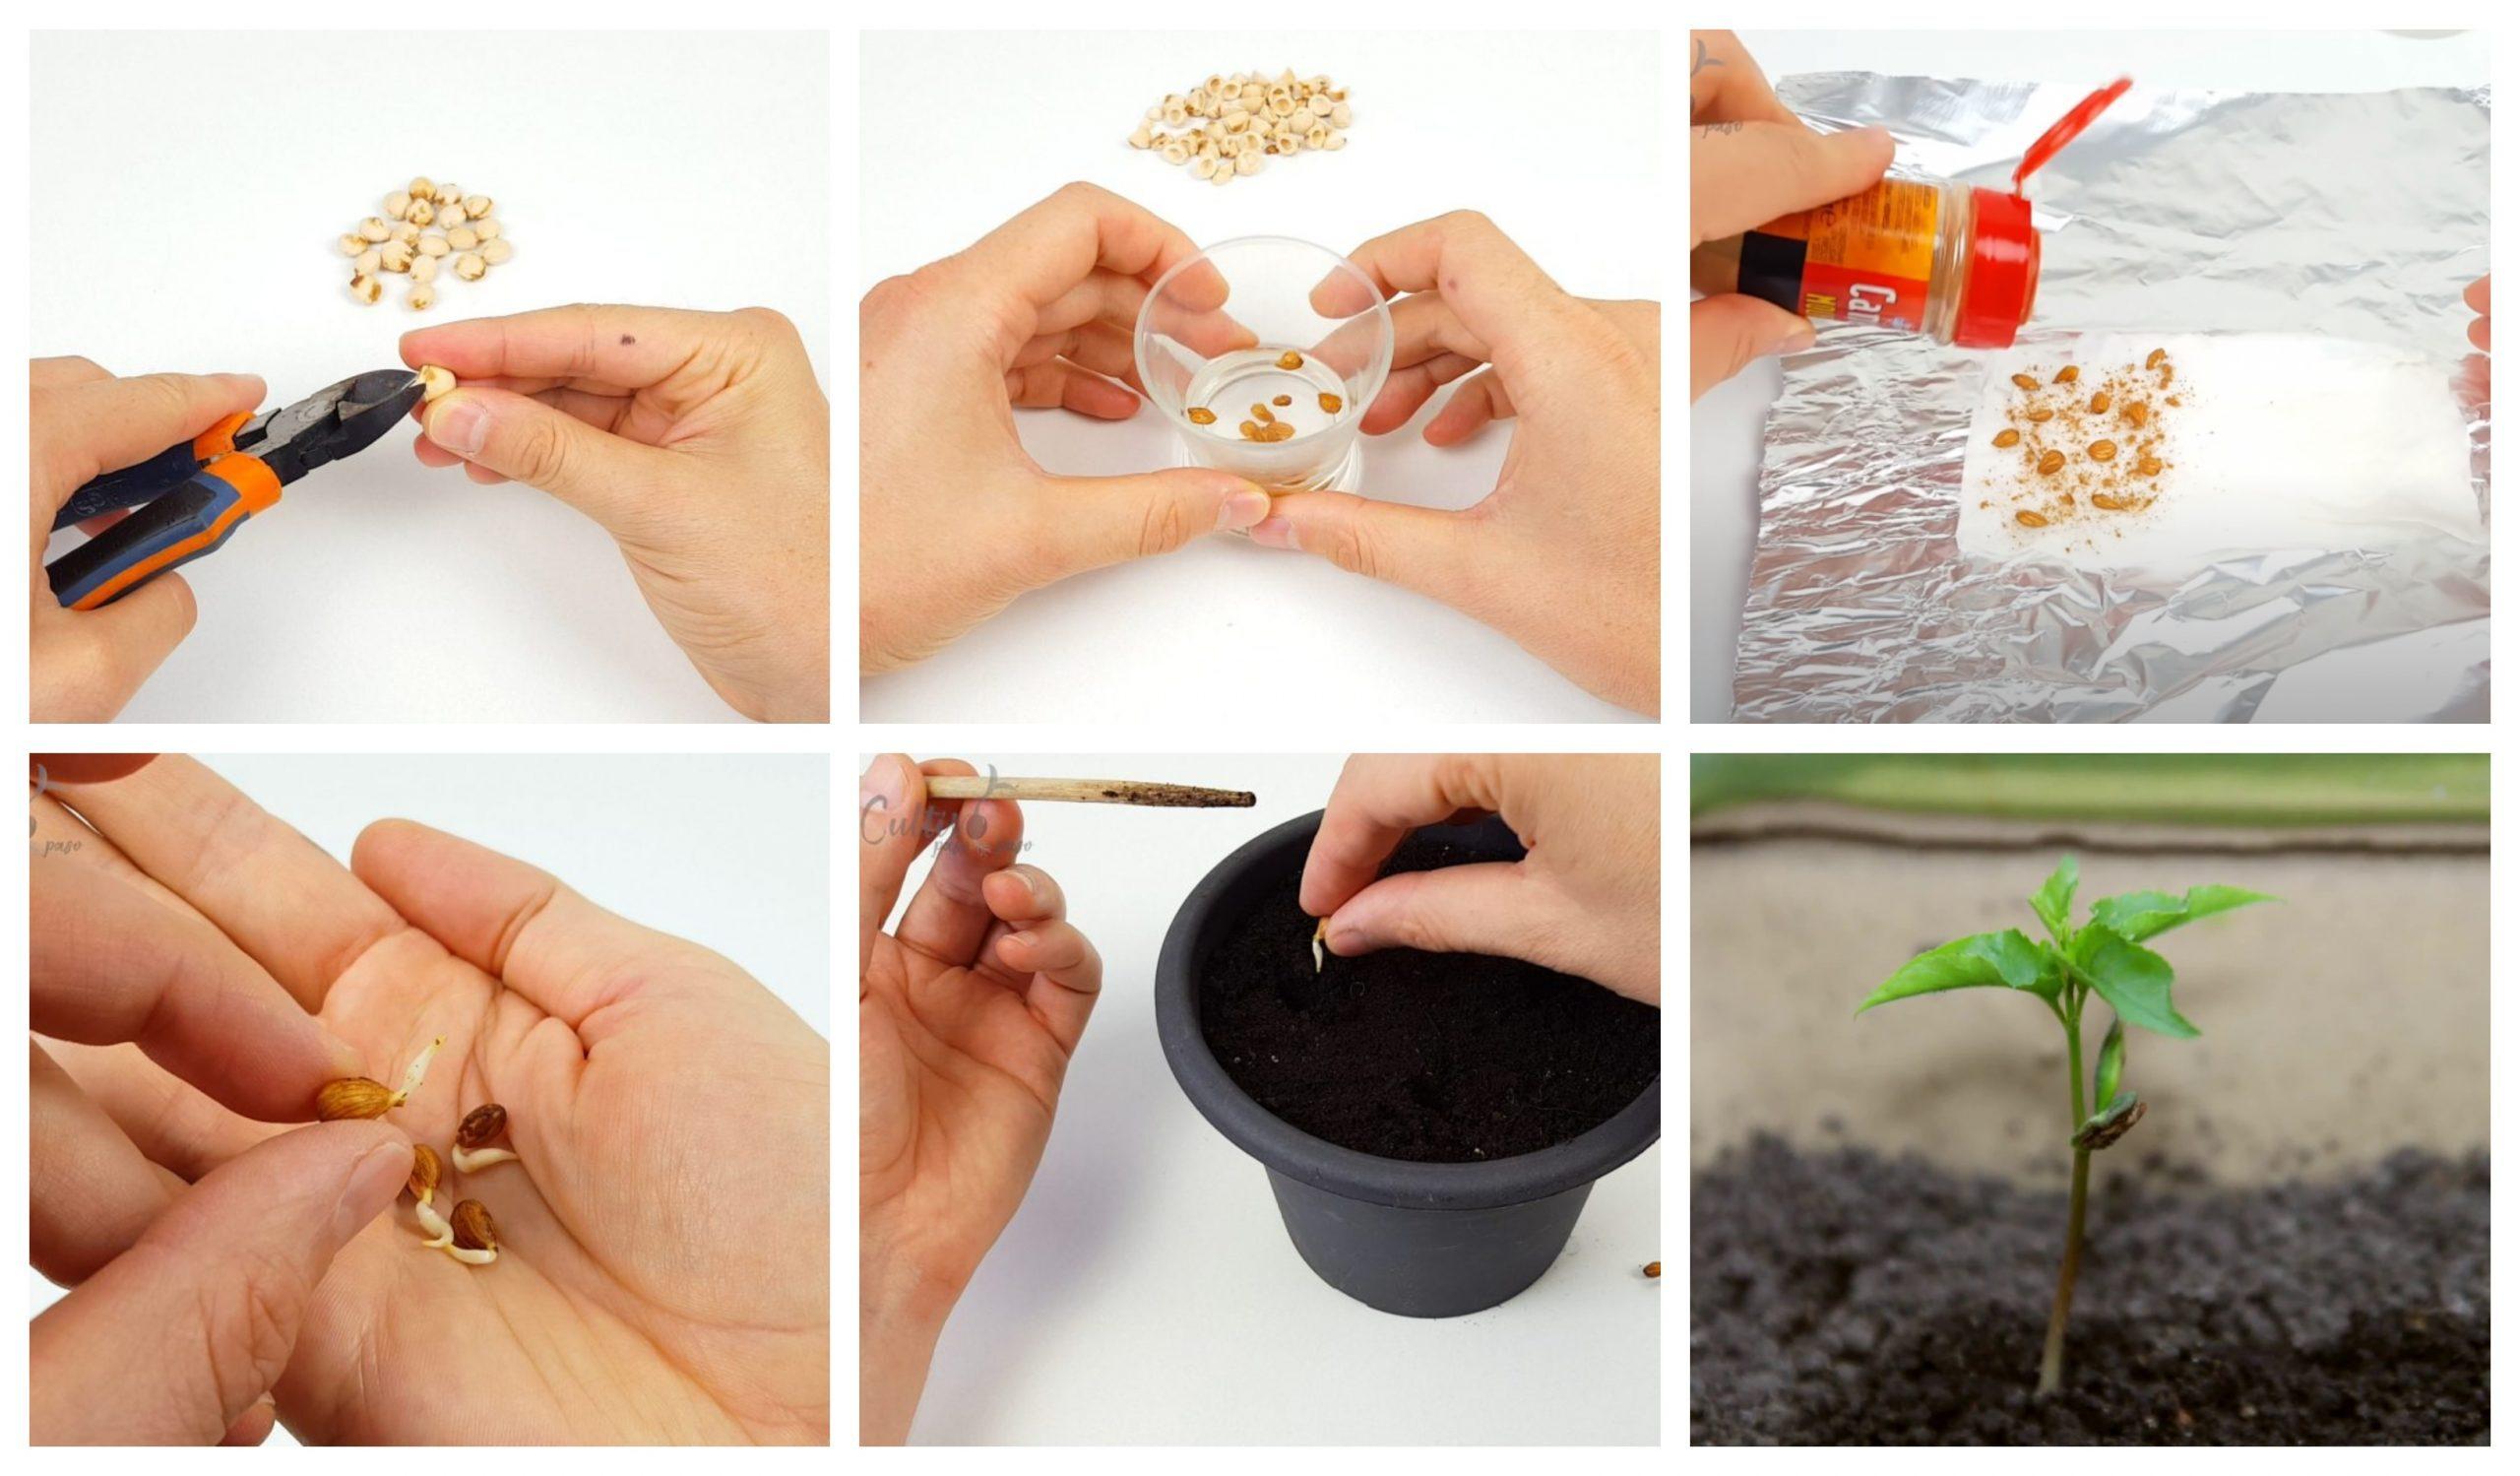 Vediamo ora le varie tecniche di germinazione che possiamo applicare.